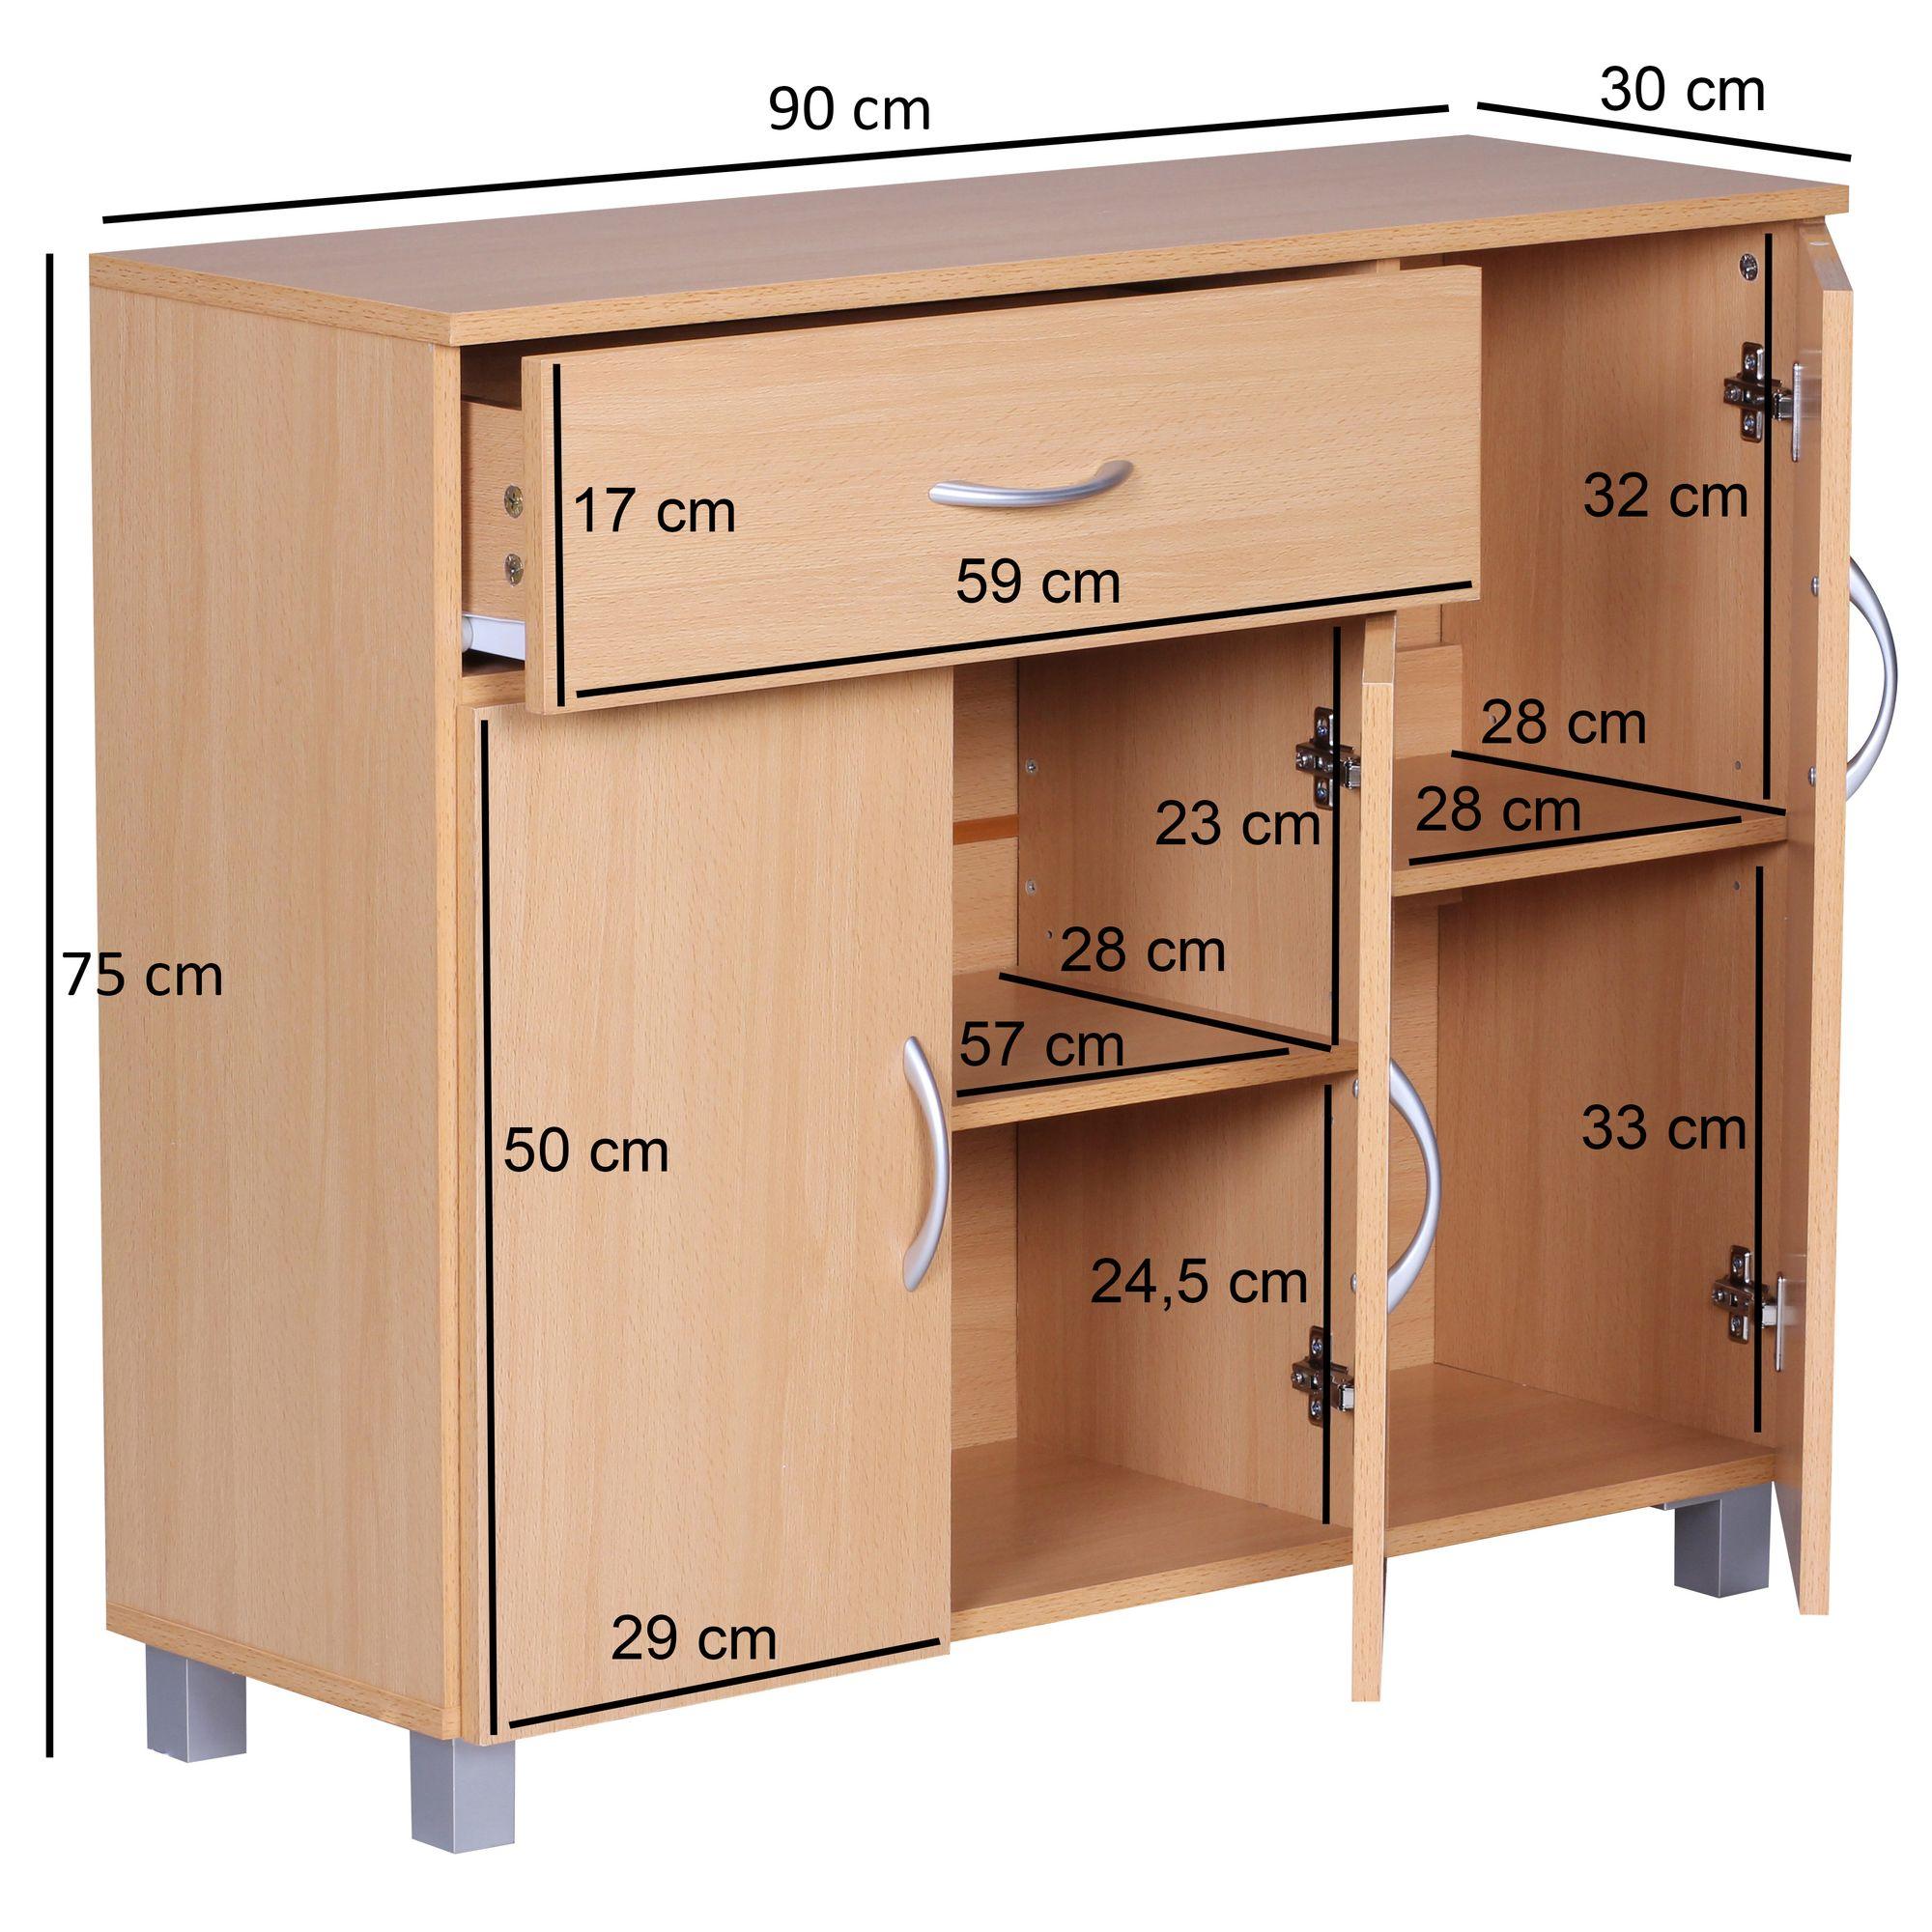 Finebuy Sideboard 90x75 Cm Kommode Anrichte 3 Turen 1 Schublade